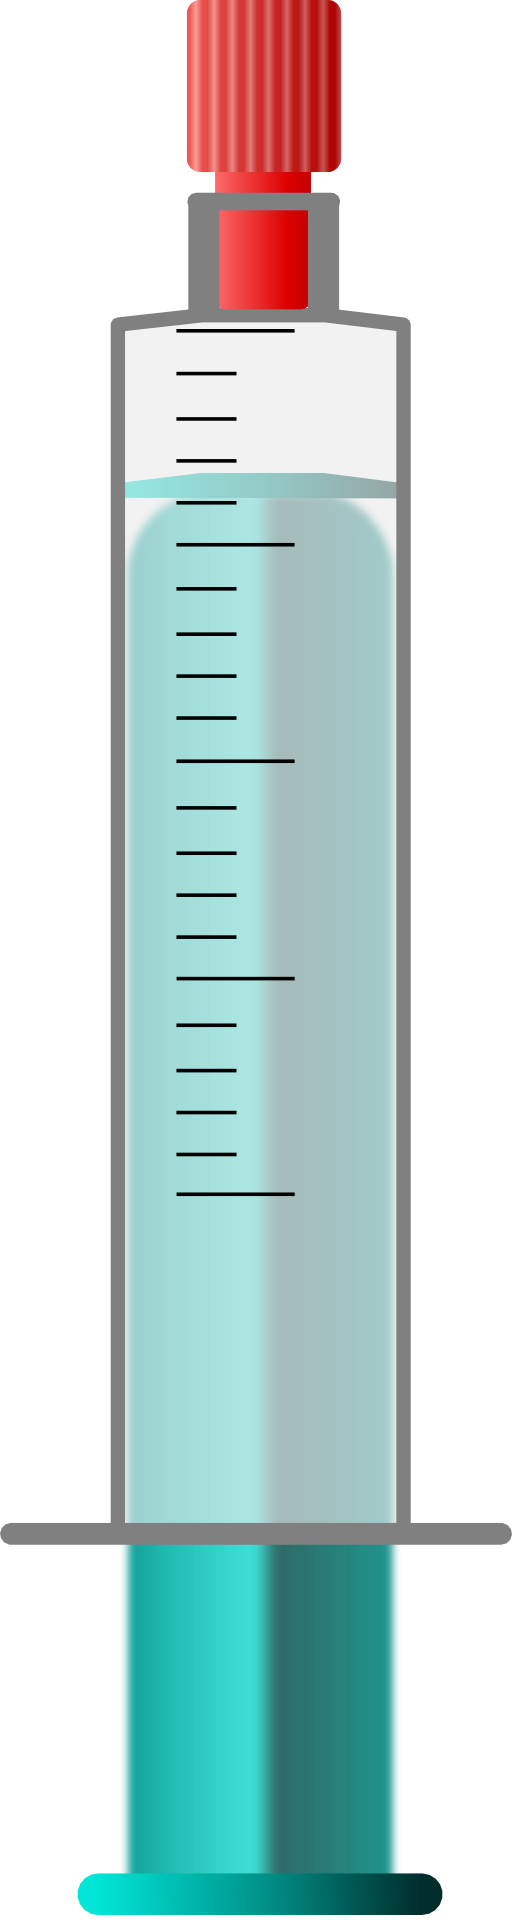 Spritze Luerlock 20 Ml Einfach Clipart.